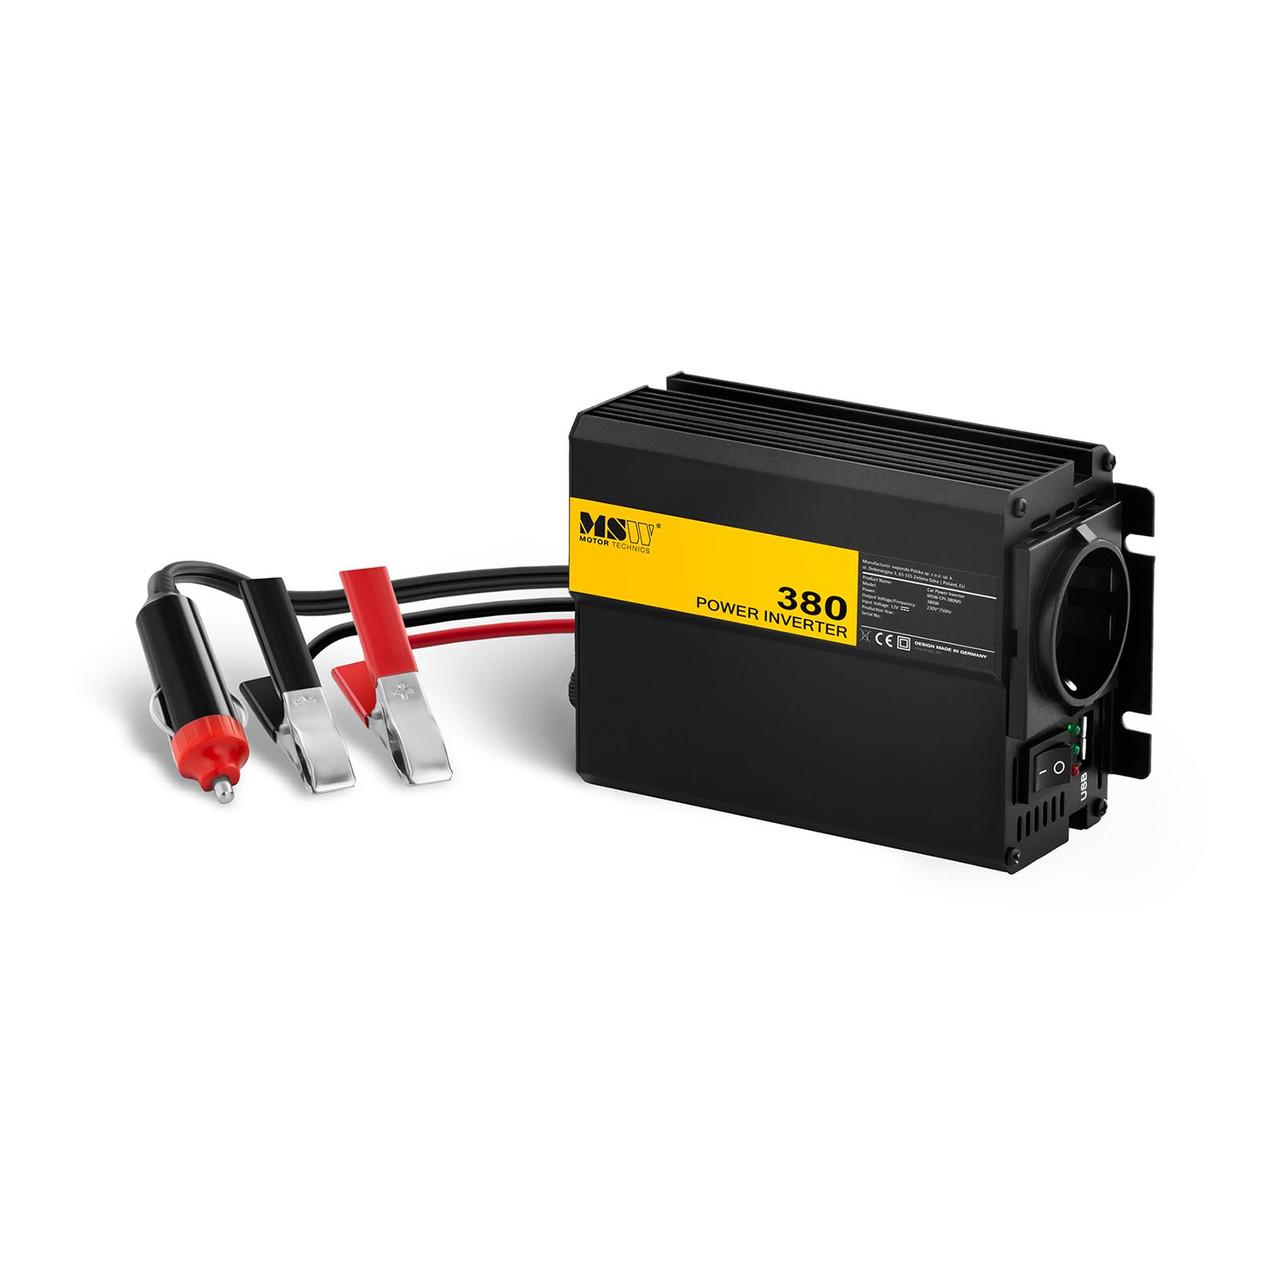 Автомобільний перетворювач - 380 760W - адаптер MSW